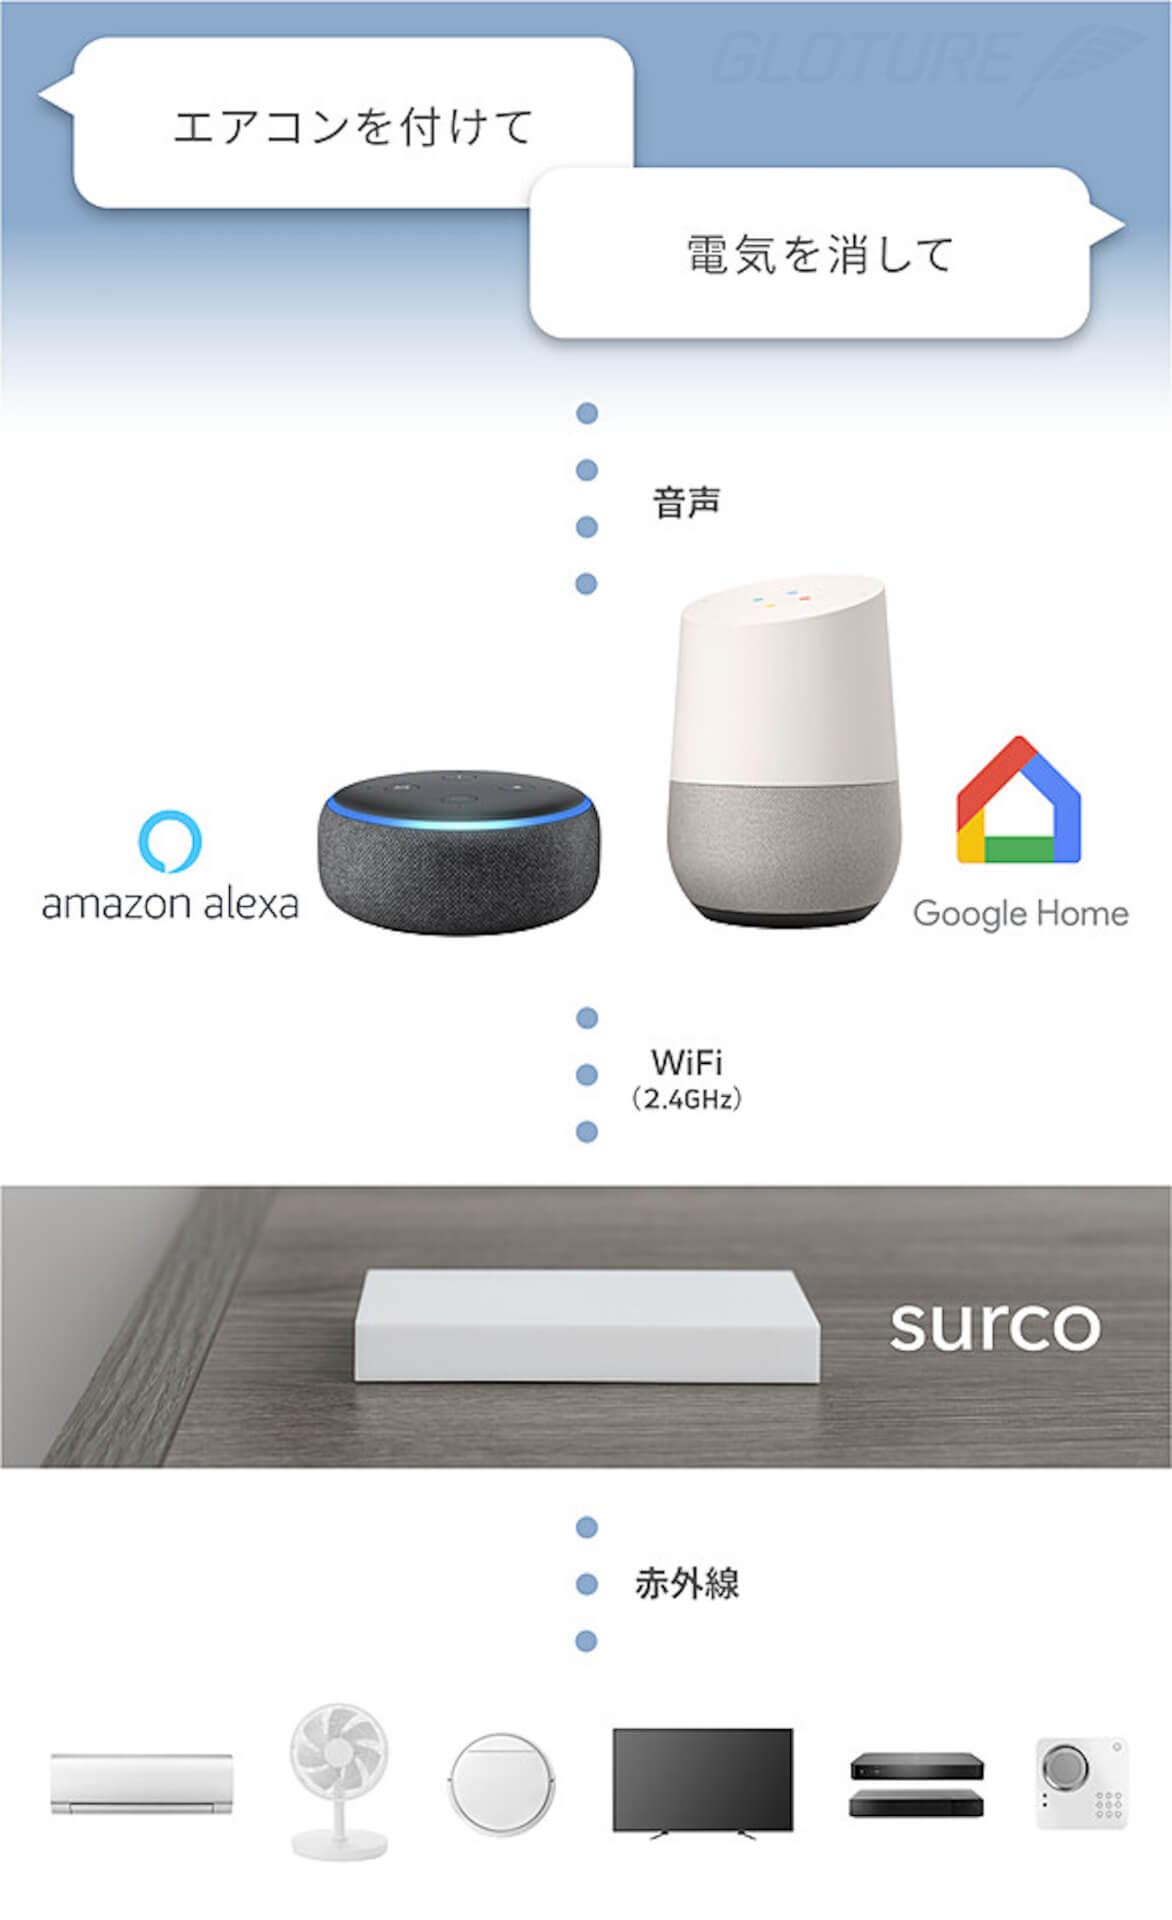 家電の操作はこれ1本で!クラウドファンディングで話題のスマートリモコン「surco」がGLOTURE.JPにて販売開始 tech200529_surco_08